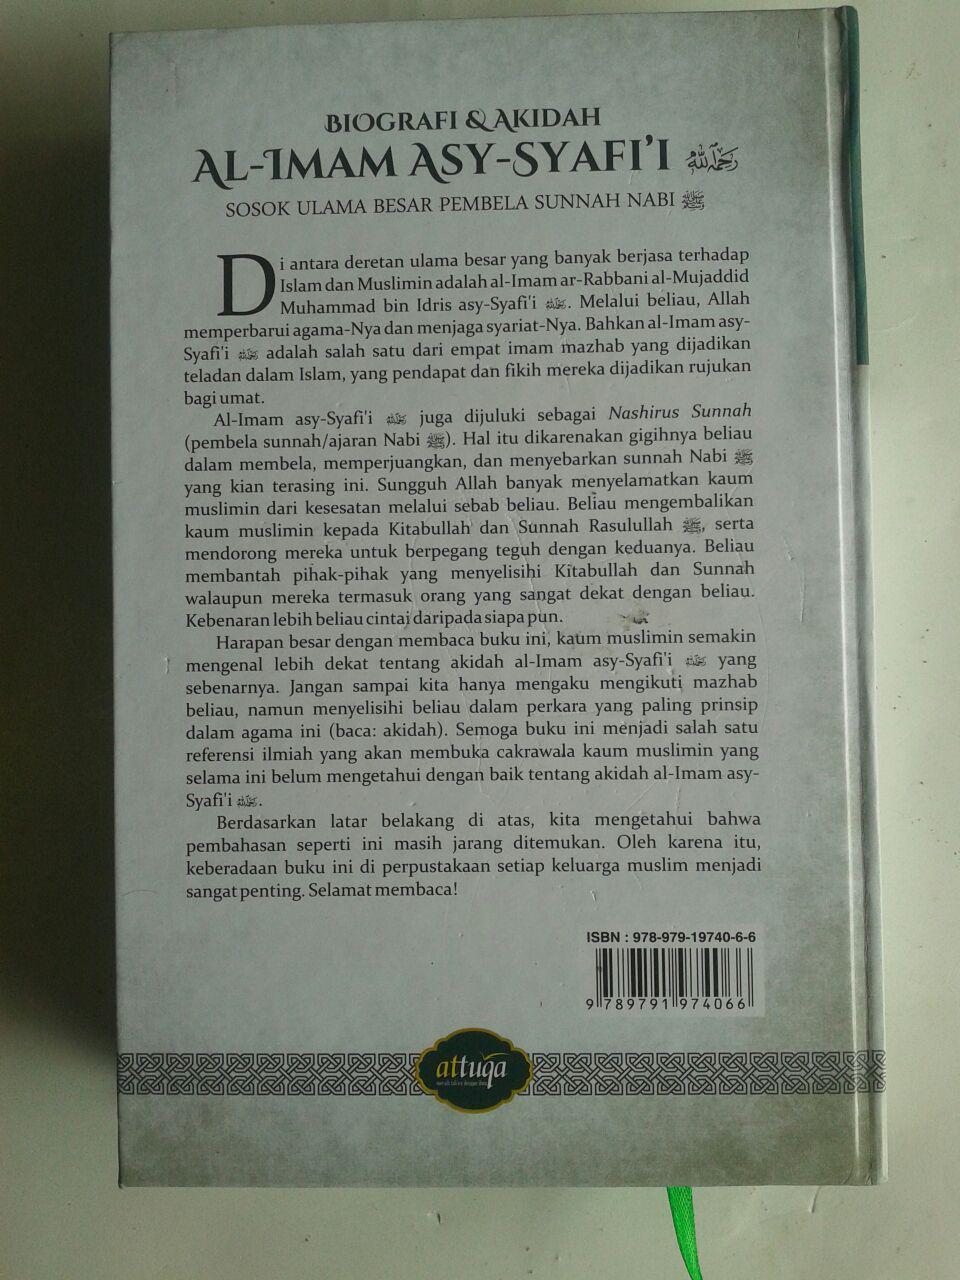 Buku Biografi Dan Akidah Al-Imam Asy-Syafi'i